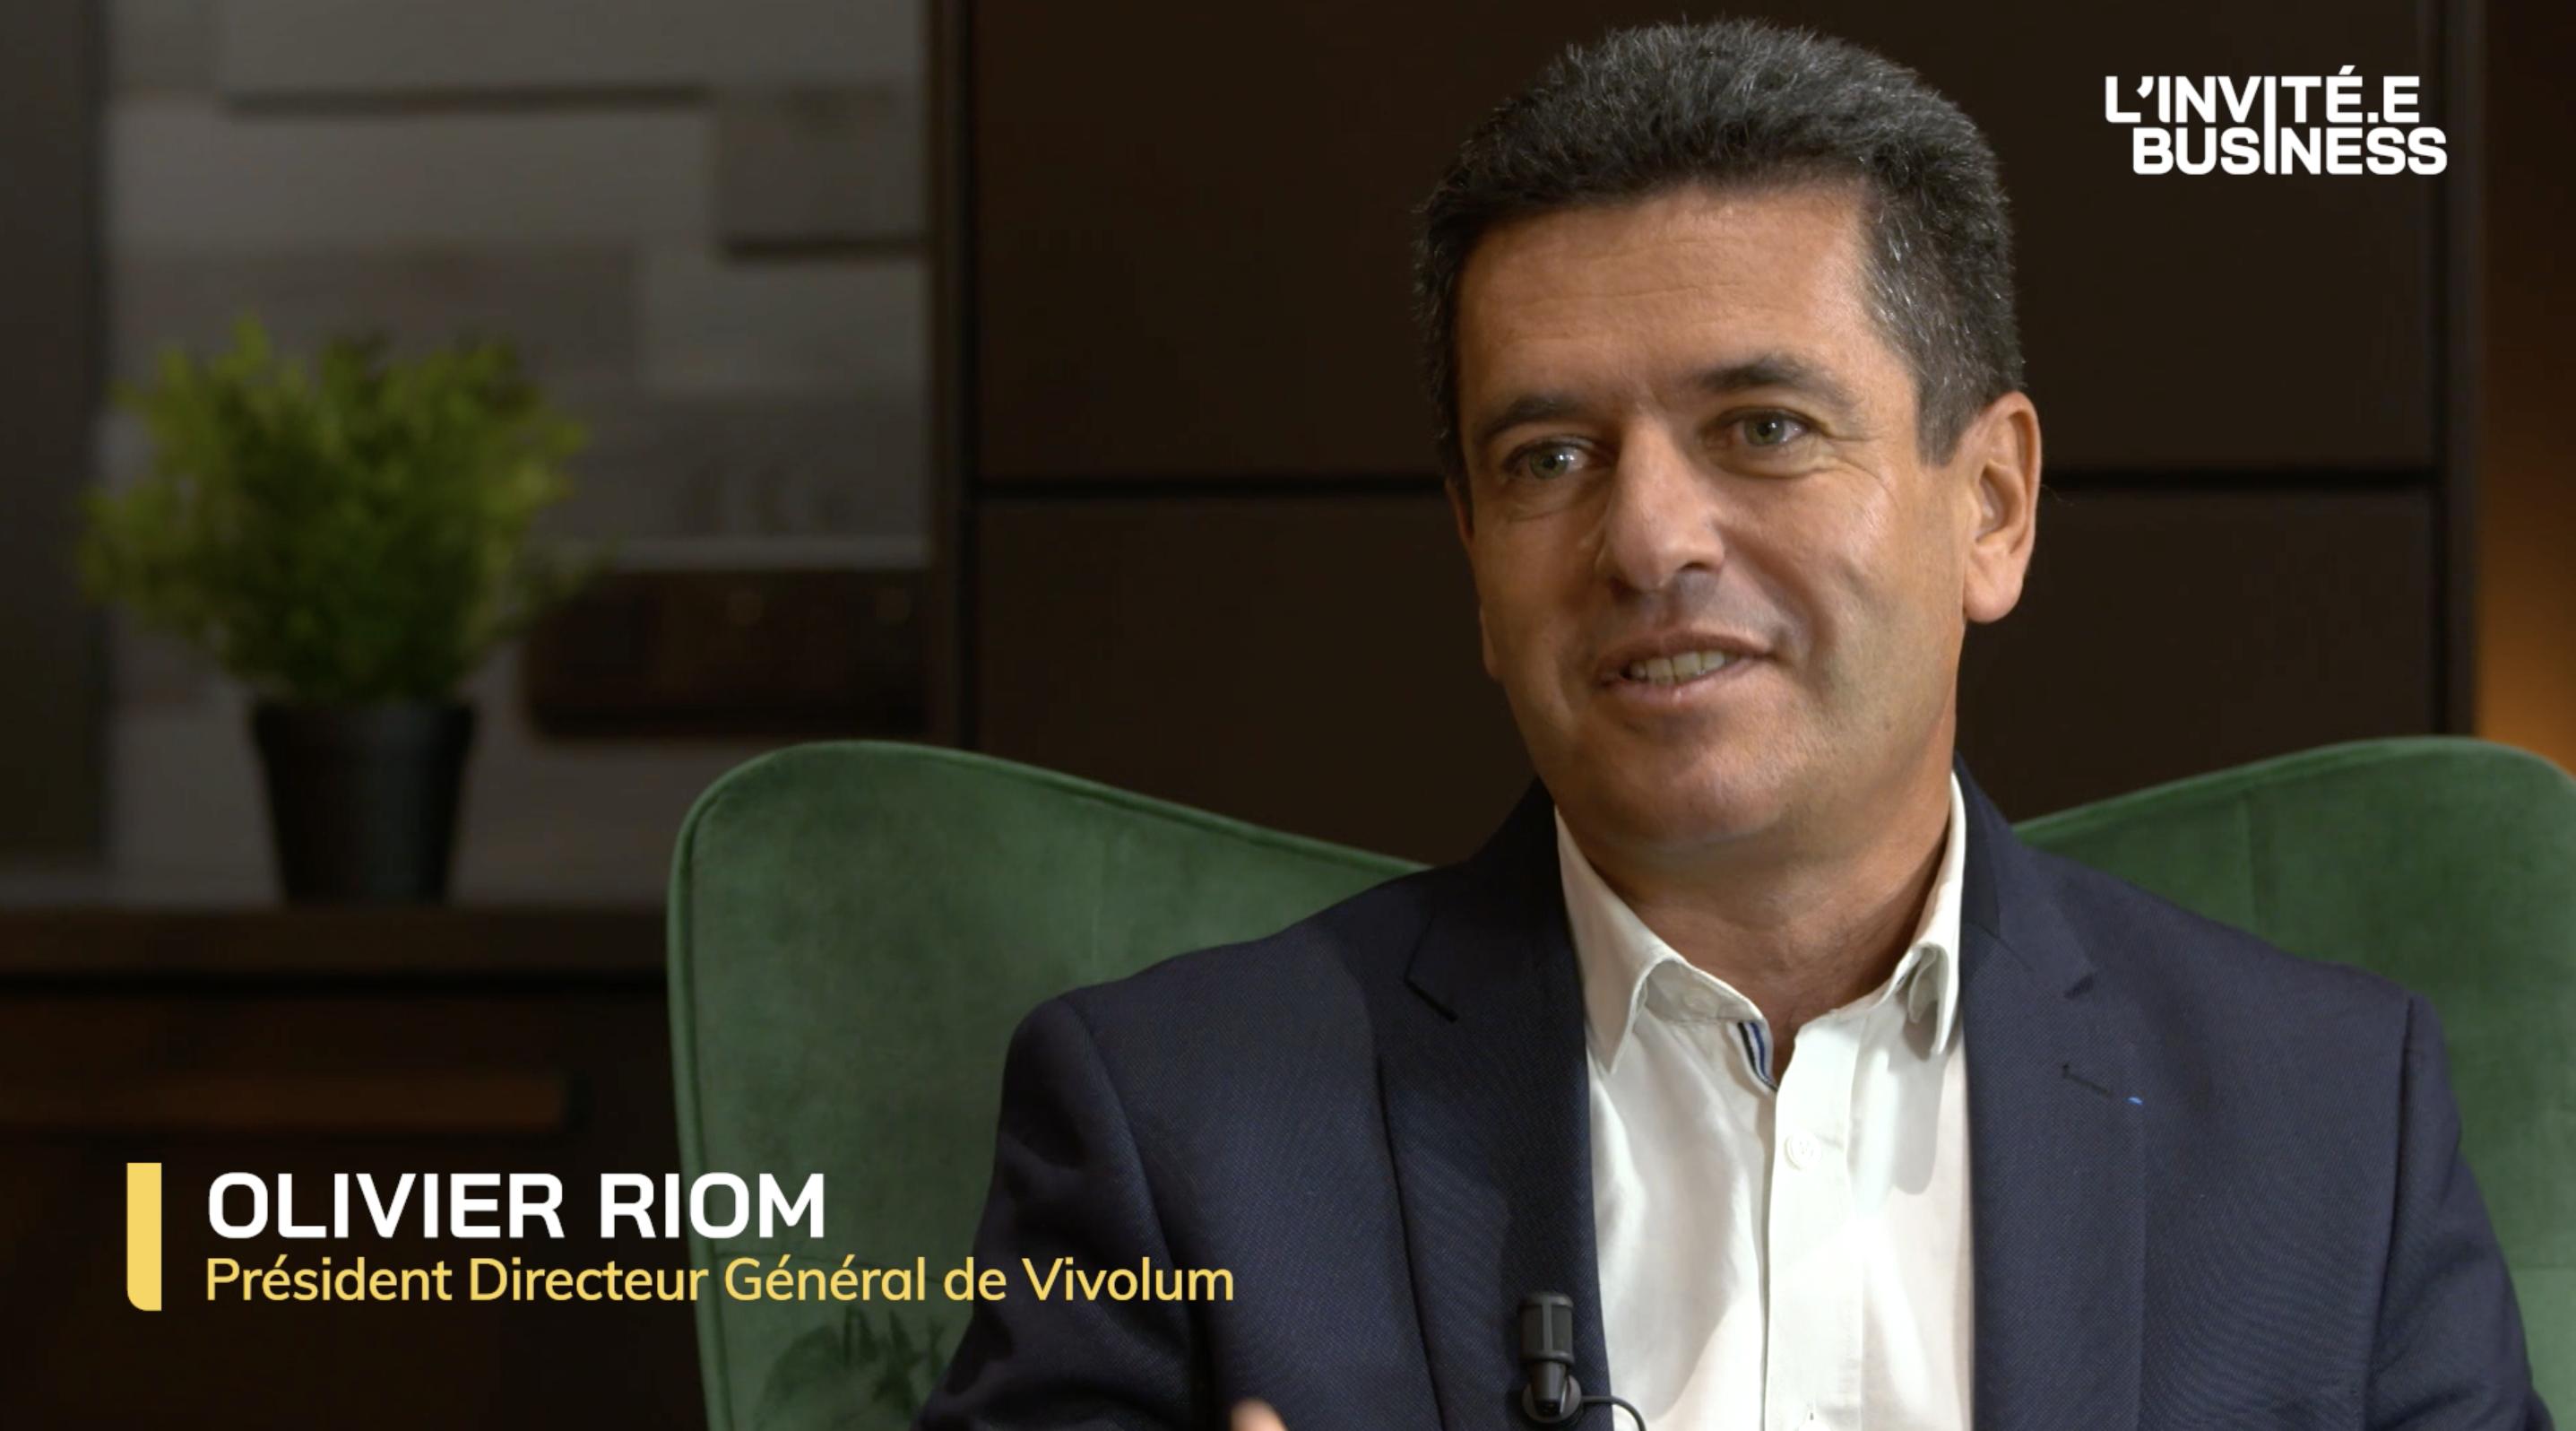 Olivier Riom, Président Directeur Général de Vivolum